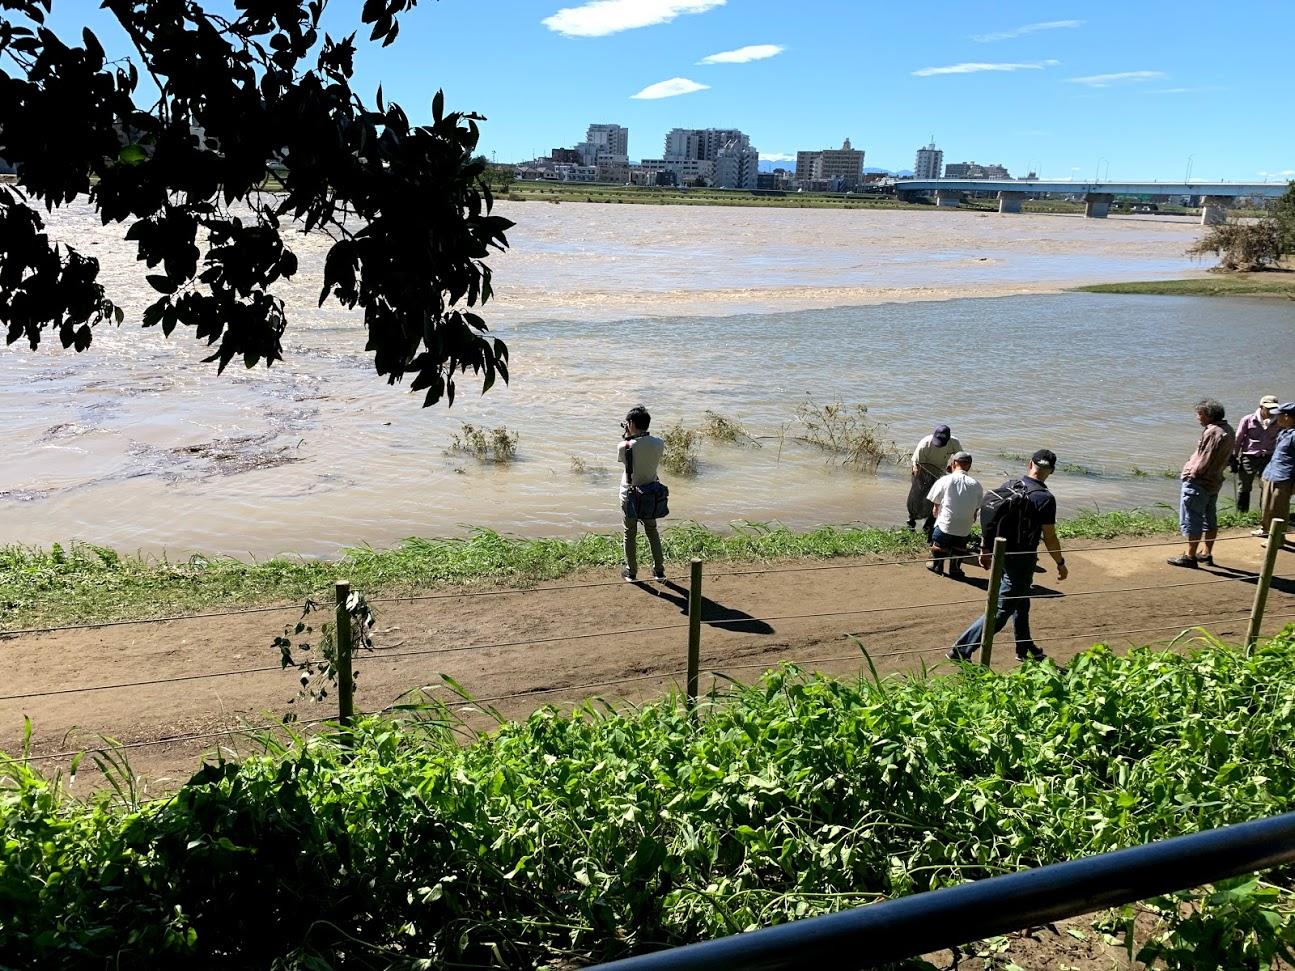 多摩川氾濫で影響が心配された二子玉川スクールでしたが・・・